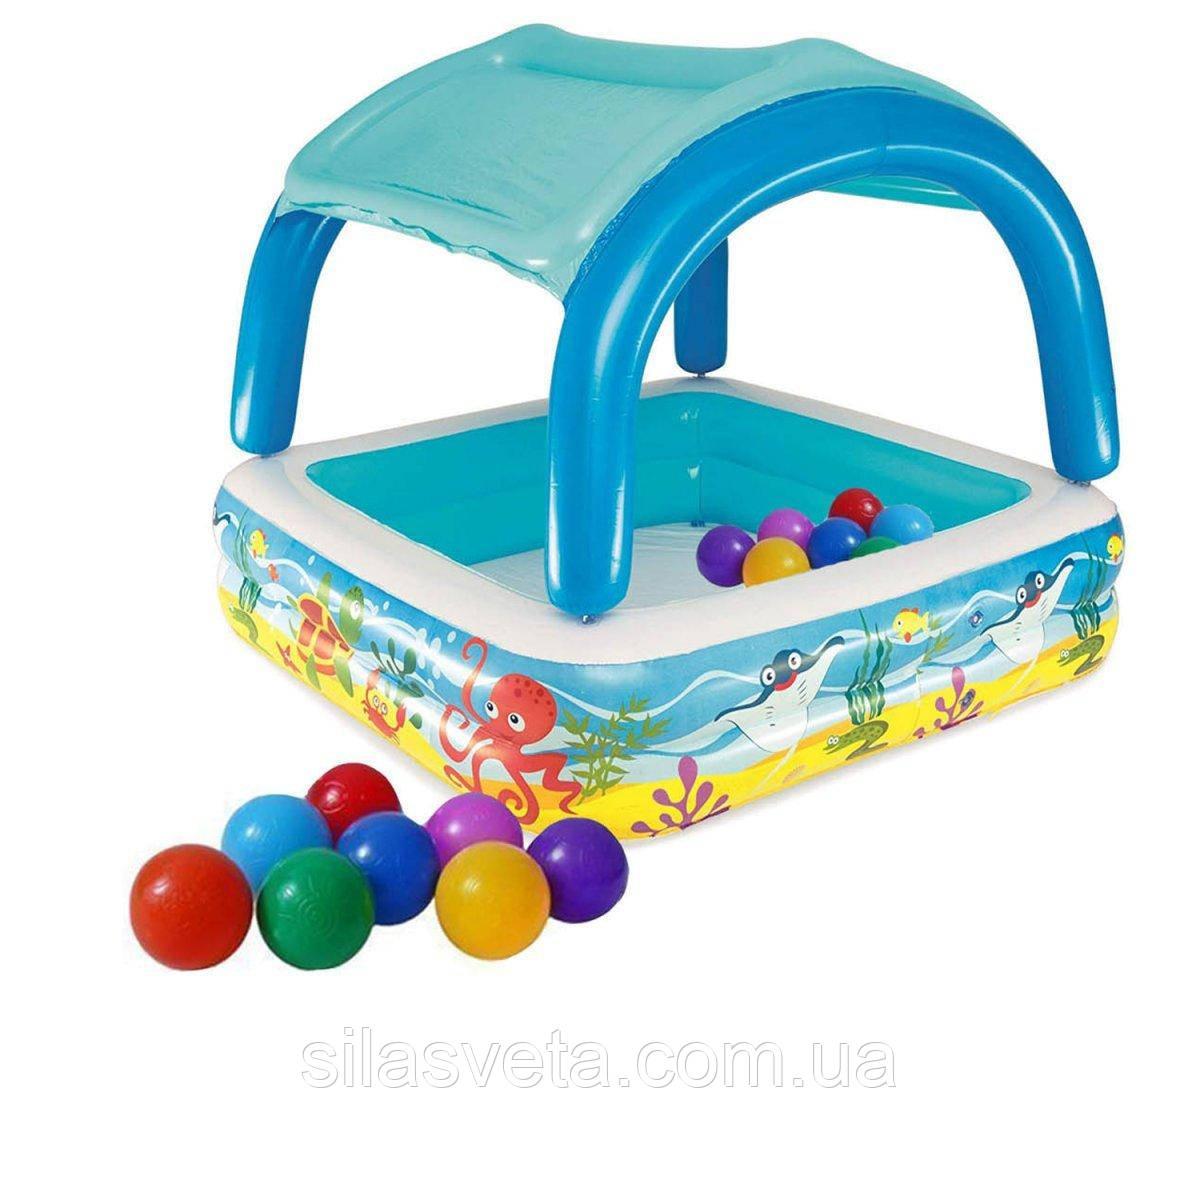 Надувной детский бассейн с навесом Bestway 52192 (147х147х122см.) объём 265 л. + 10 шариков